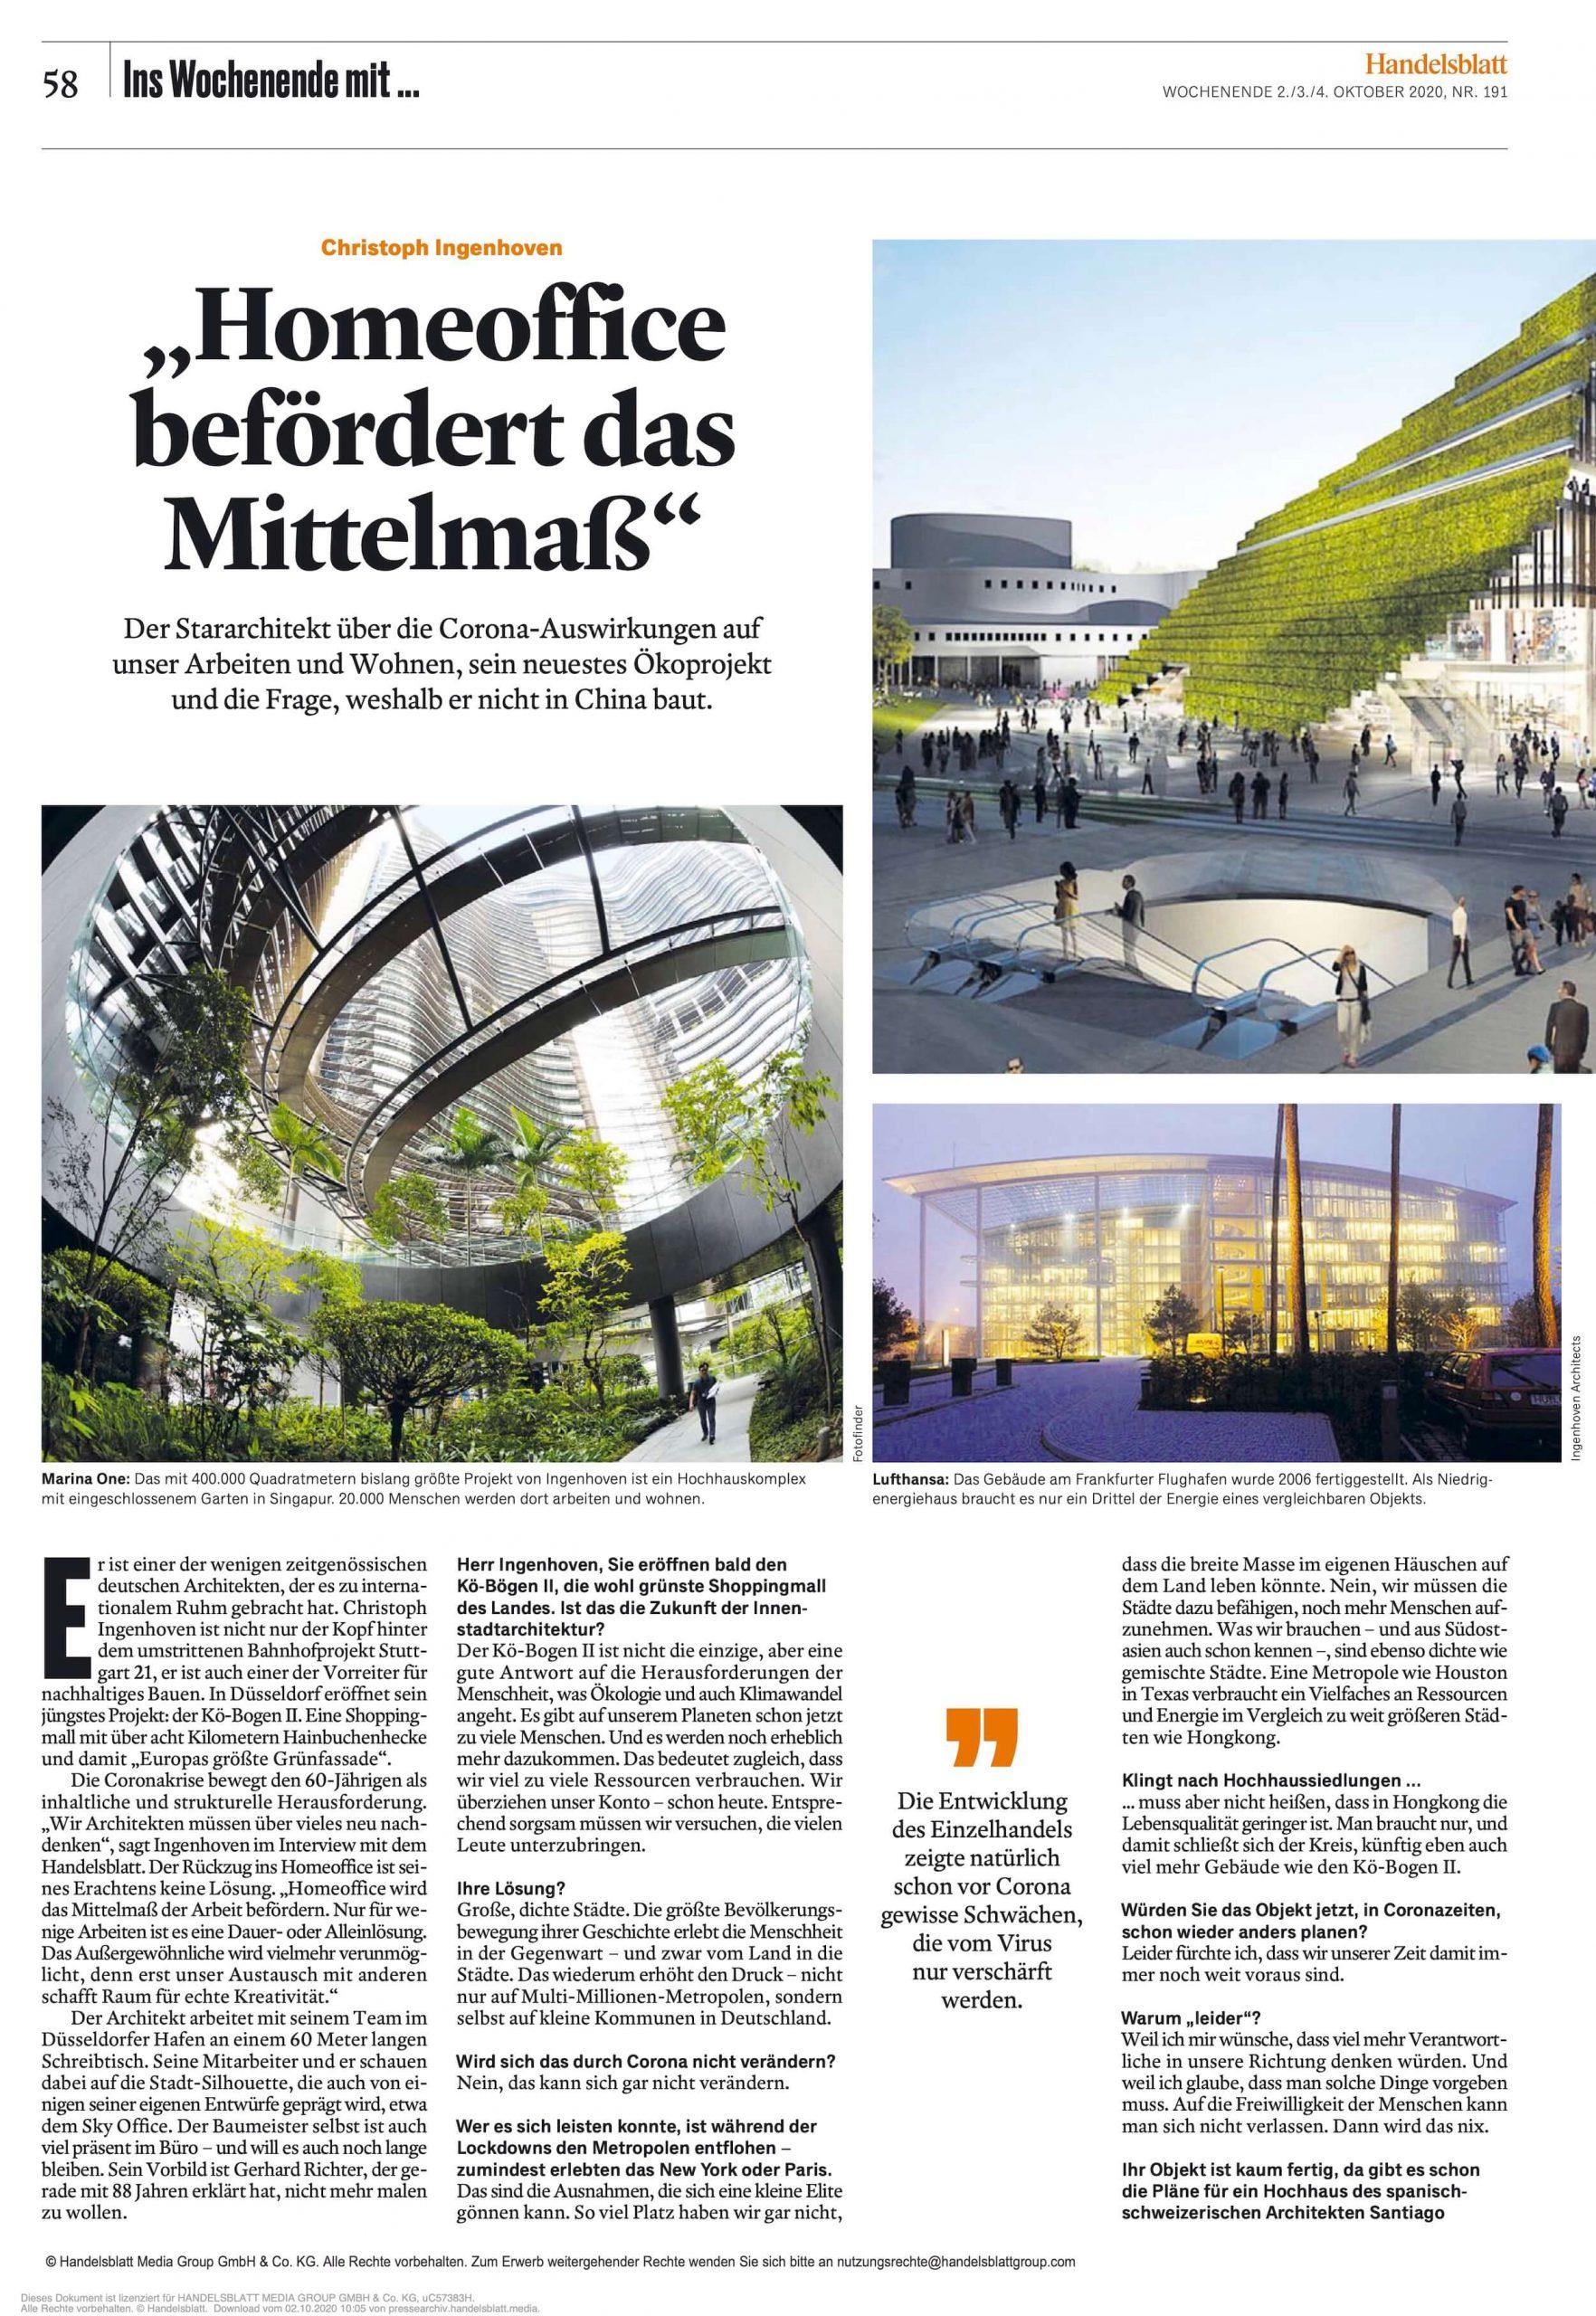 Interview Christoph Ingenhoven im Handelsblatt